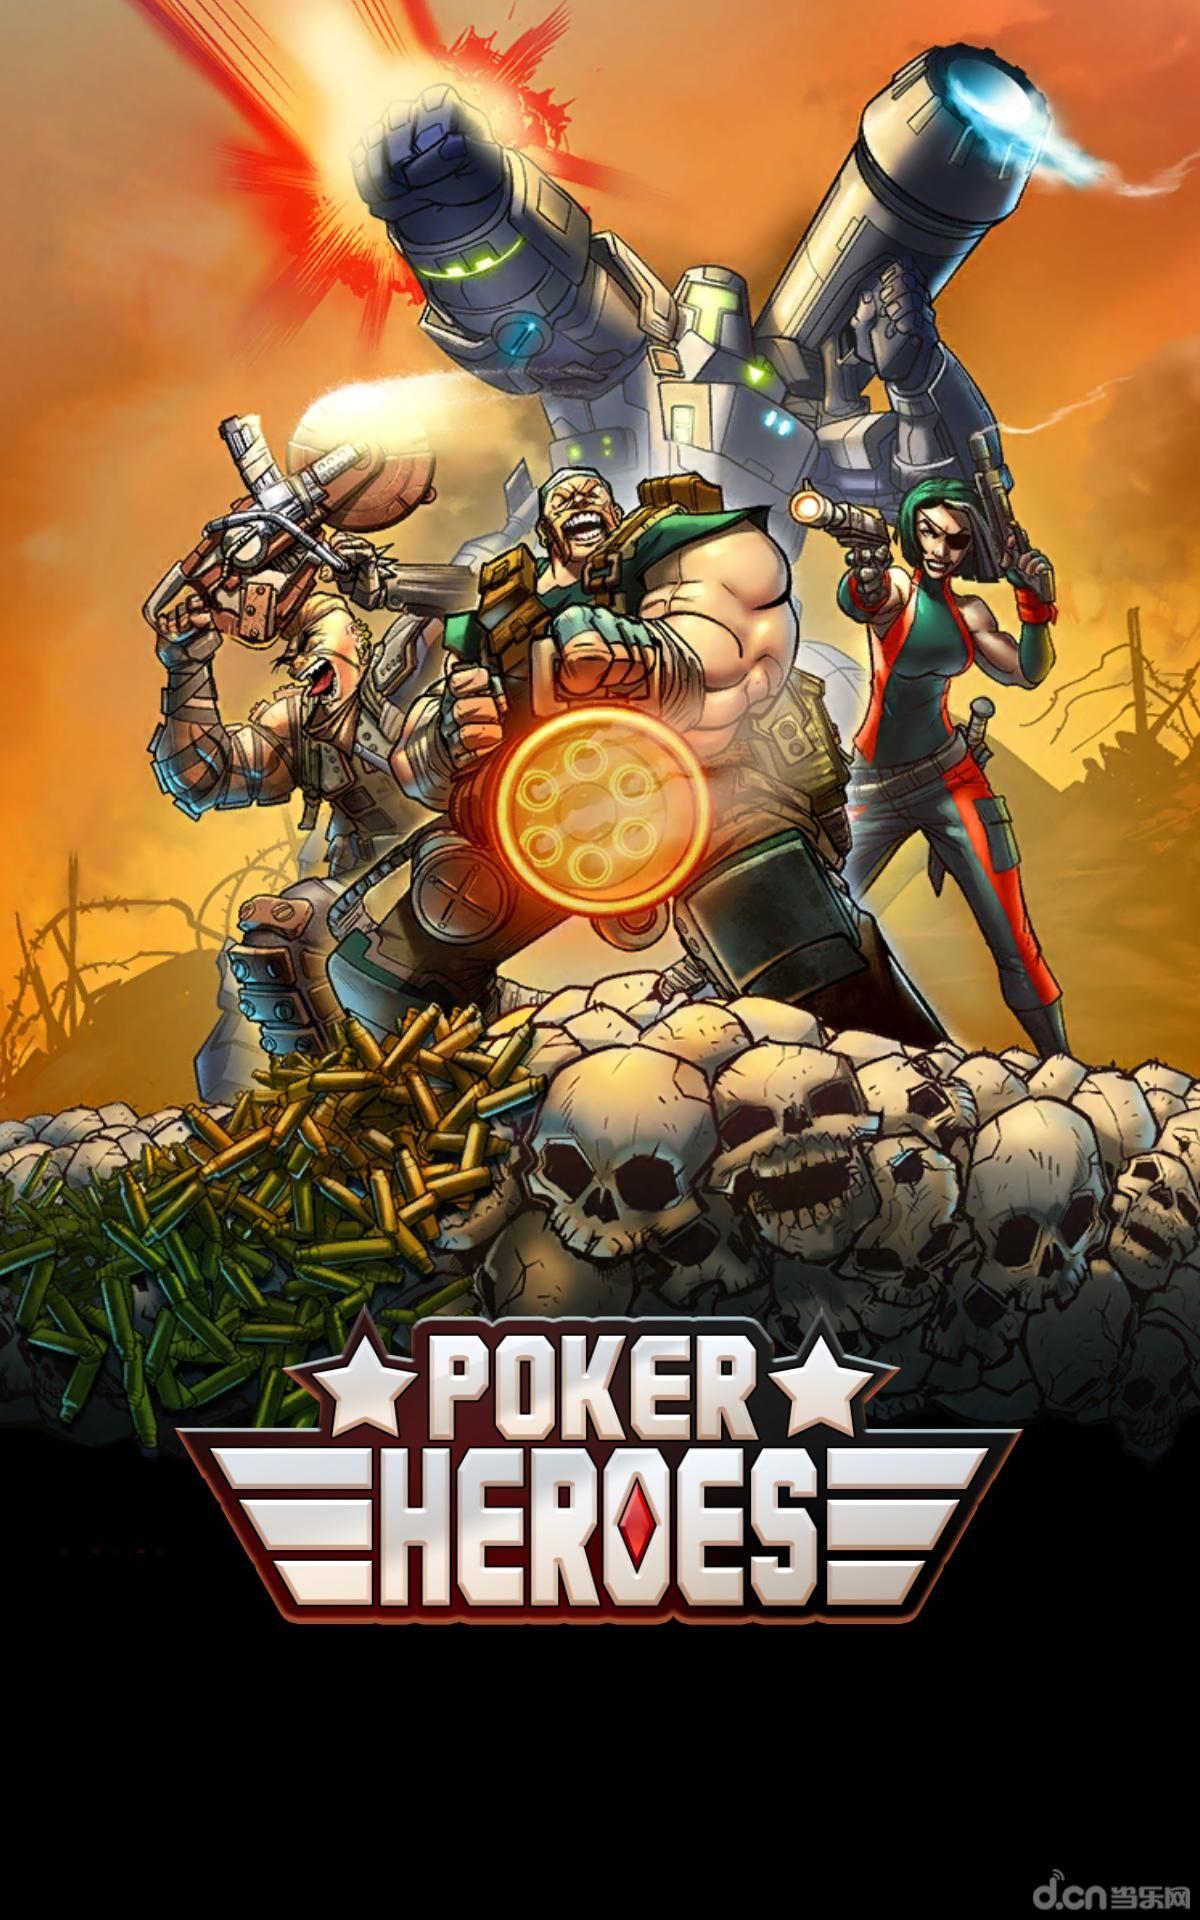 《纸牌英雄 Poker Heroes》是一款未来世界题材的科幻类型RPG策略卡牌战斗游戏。面对外星生物的强势入侵,人类最终溃败。为了重建新的世界秩序,为了人类的崛起,你必须带领自己的士兵进攻敌人,运用一切手段获得最终的胜利。 游戏特色: 1、基于RPG元素制作的策略卡牌游戏,创新耐玩。 2、超过800个英雄人物供你收集,并且具有进化功能。 3、超过100个剧情任务和日常的许多事件。 4、激情的PVP对战,获得丰富的奖励和深沉的荣荣耀。